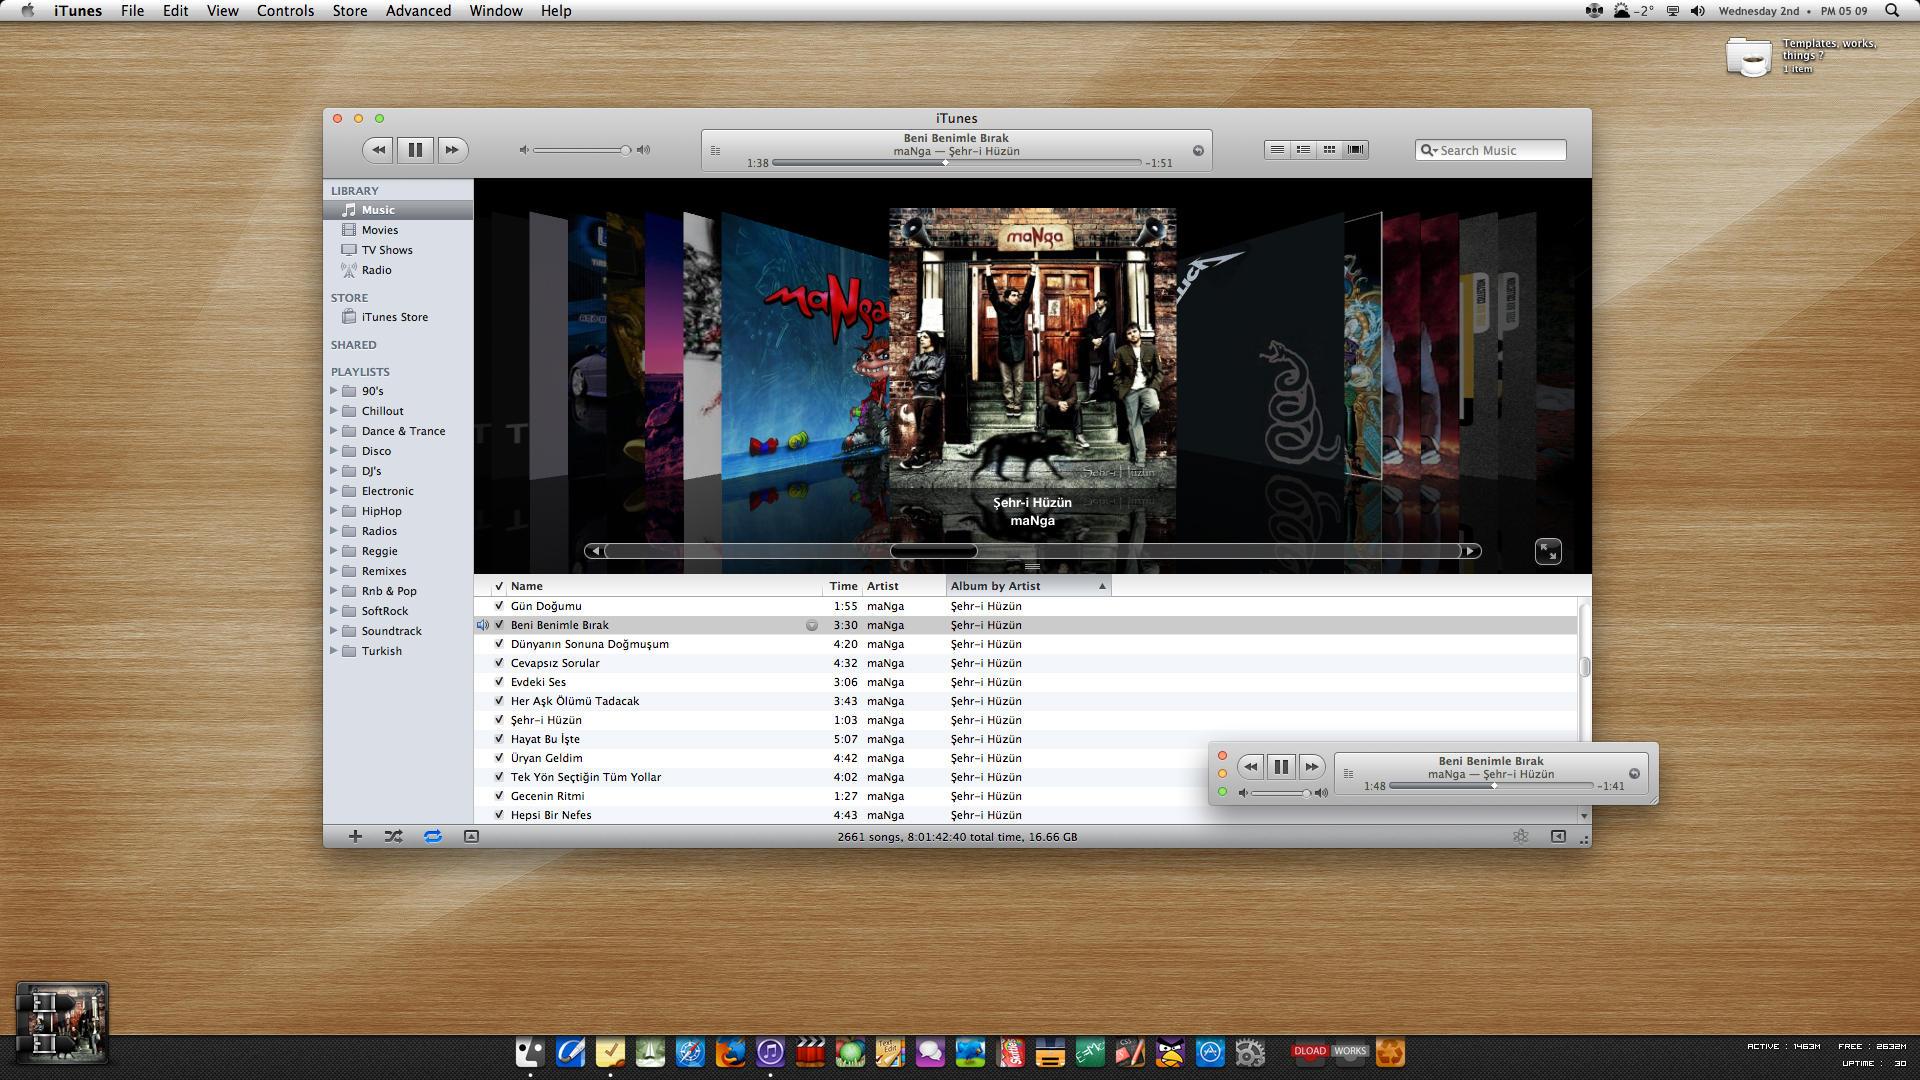 iTunes 10.1.2 Plastic Pulse by neodesktop